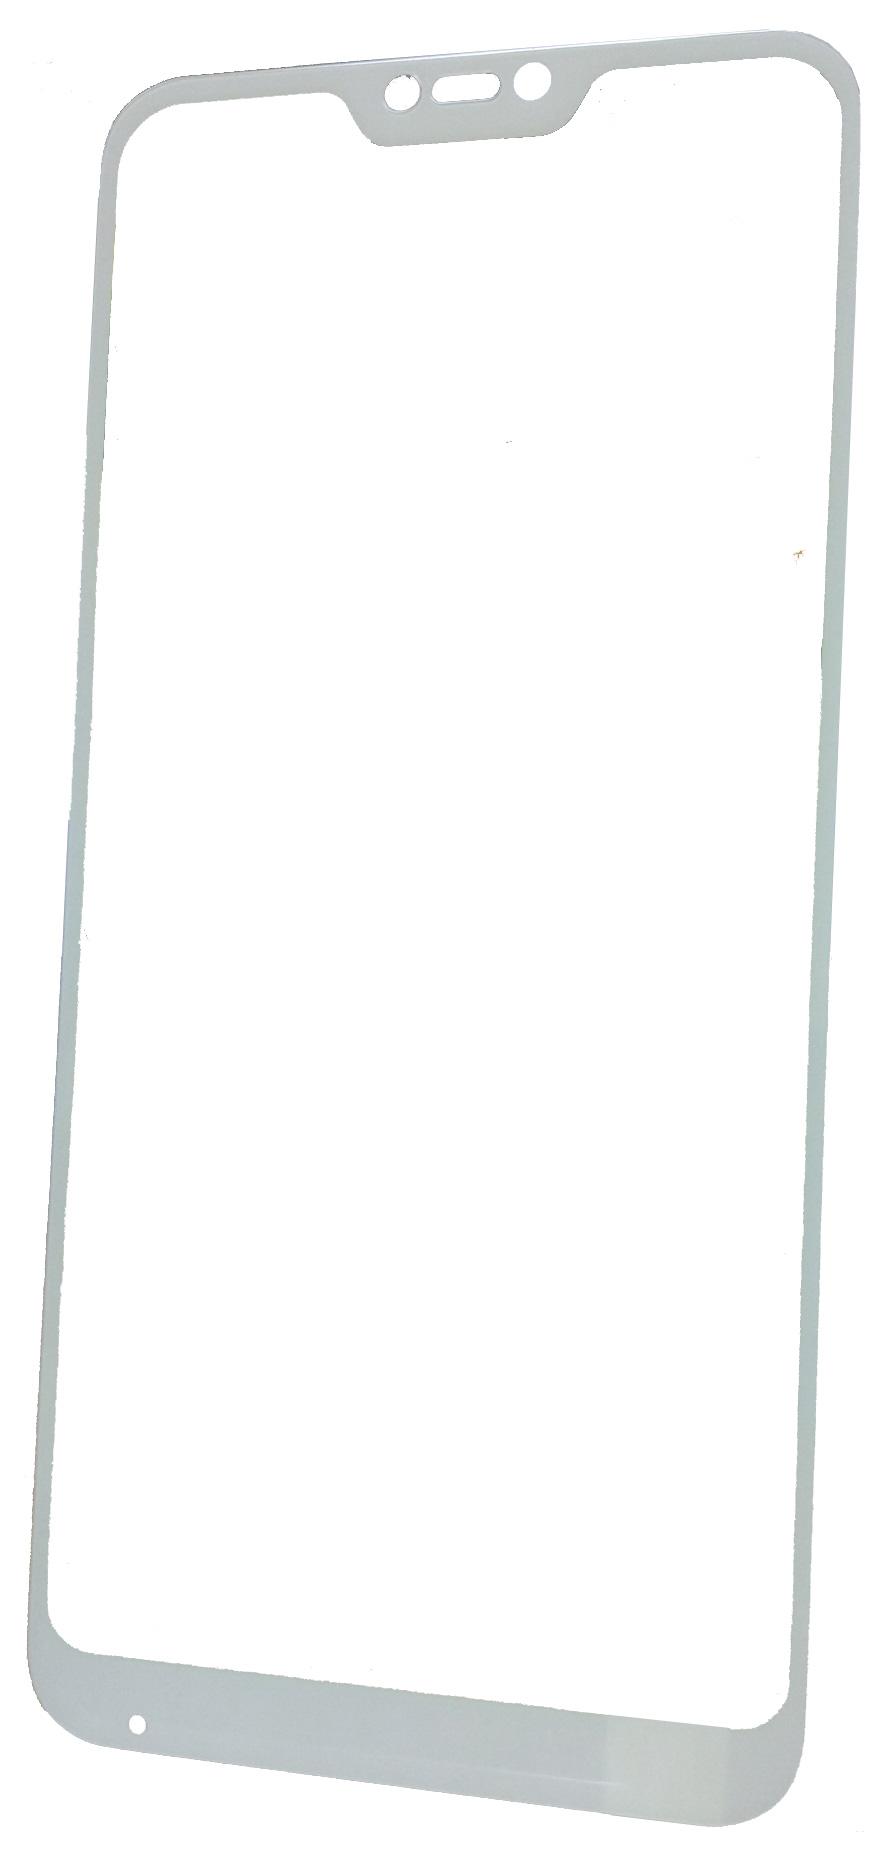 цена Защитное стекло Xiaomi Mi A2 Lite / Redmi 6 Pro (белая рамка), белый в интернет-магазинах